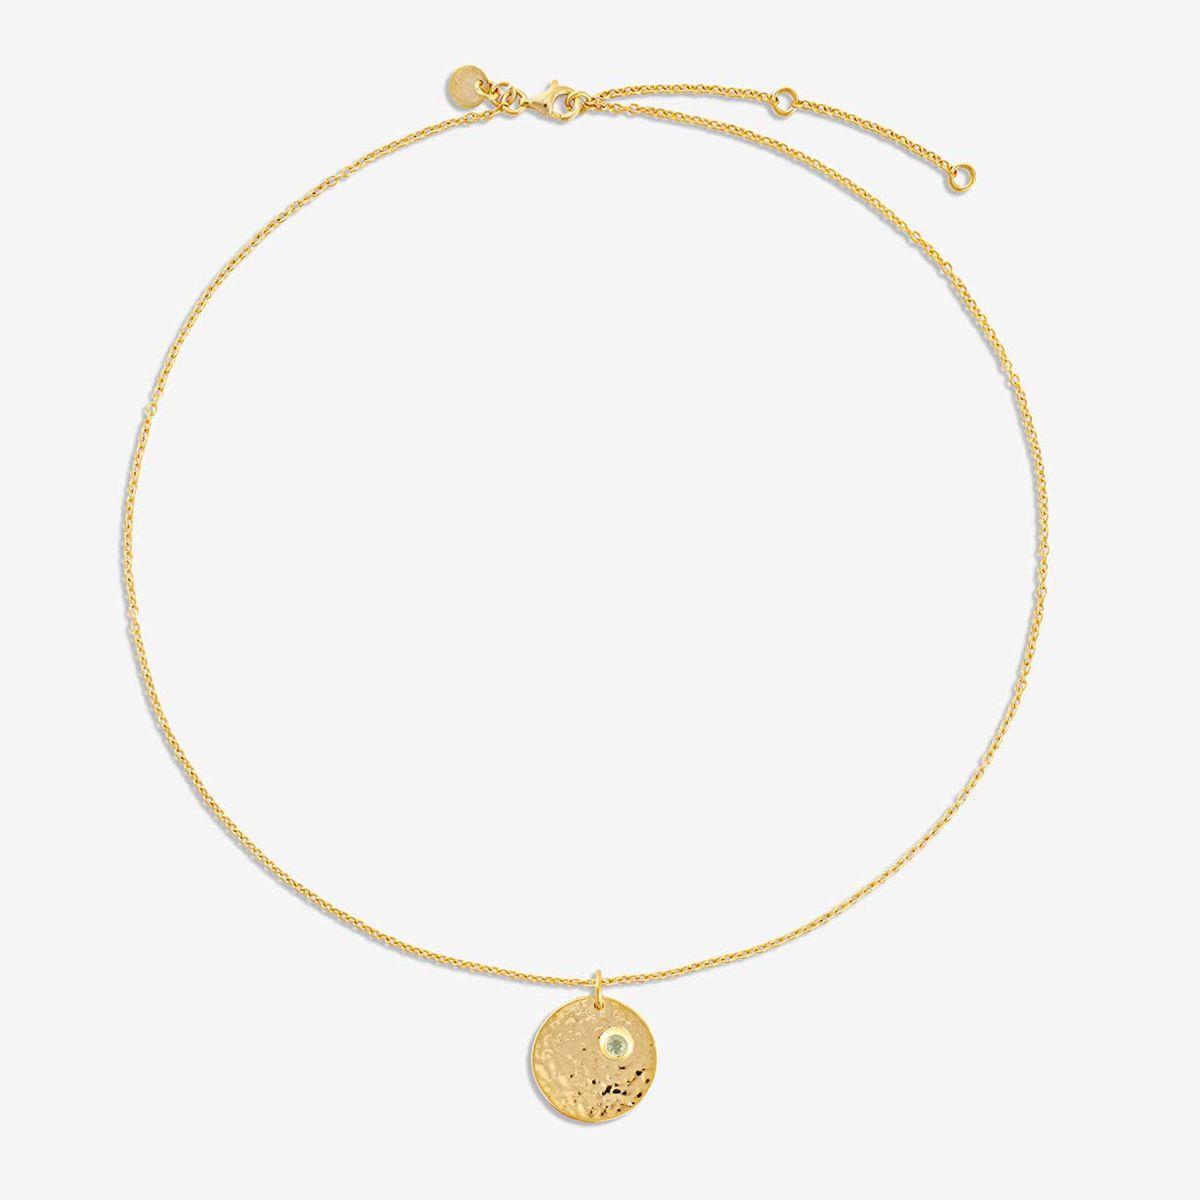 Birthstone August - Halsketten - Gold